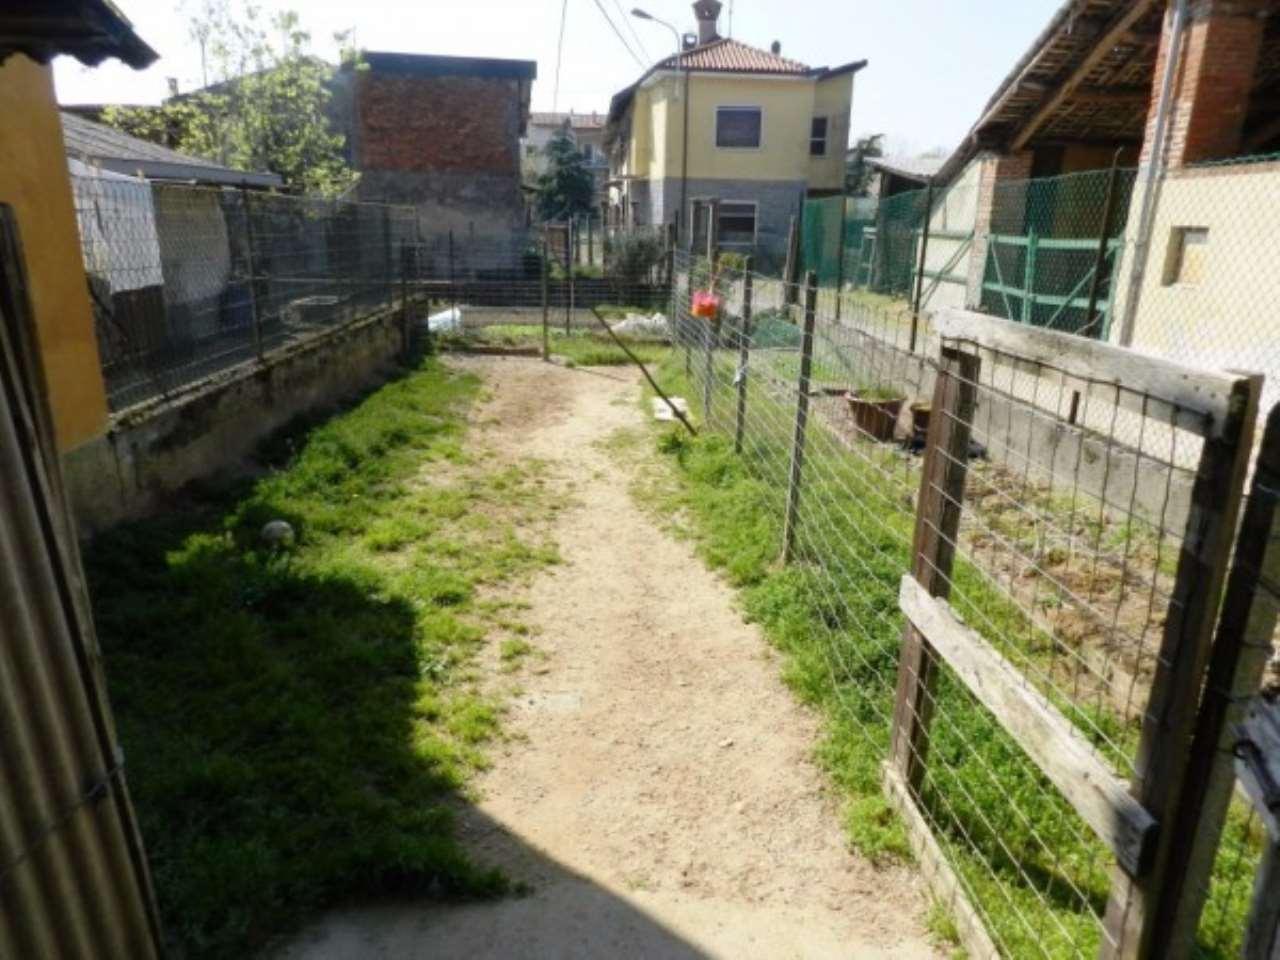 Rustico / Casale in vendita a Marcignago, 3 locali, prezzo € 30.000 | Cambio Casa.it